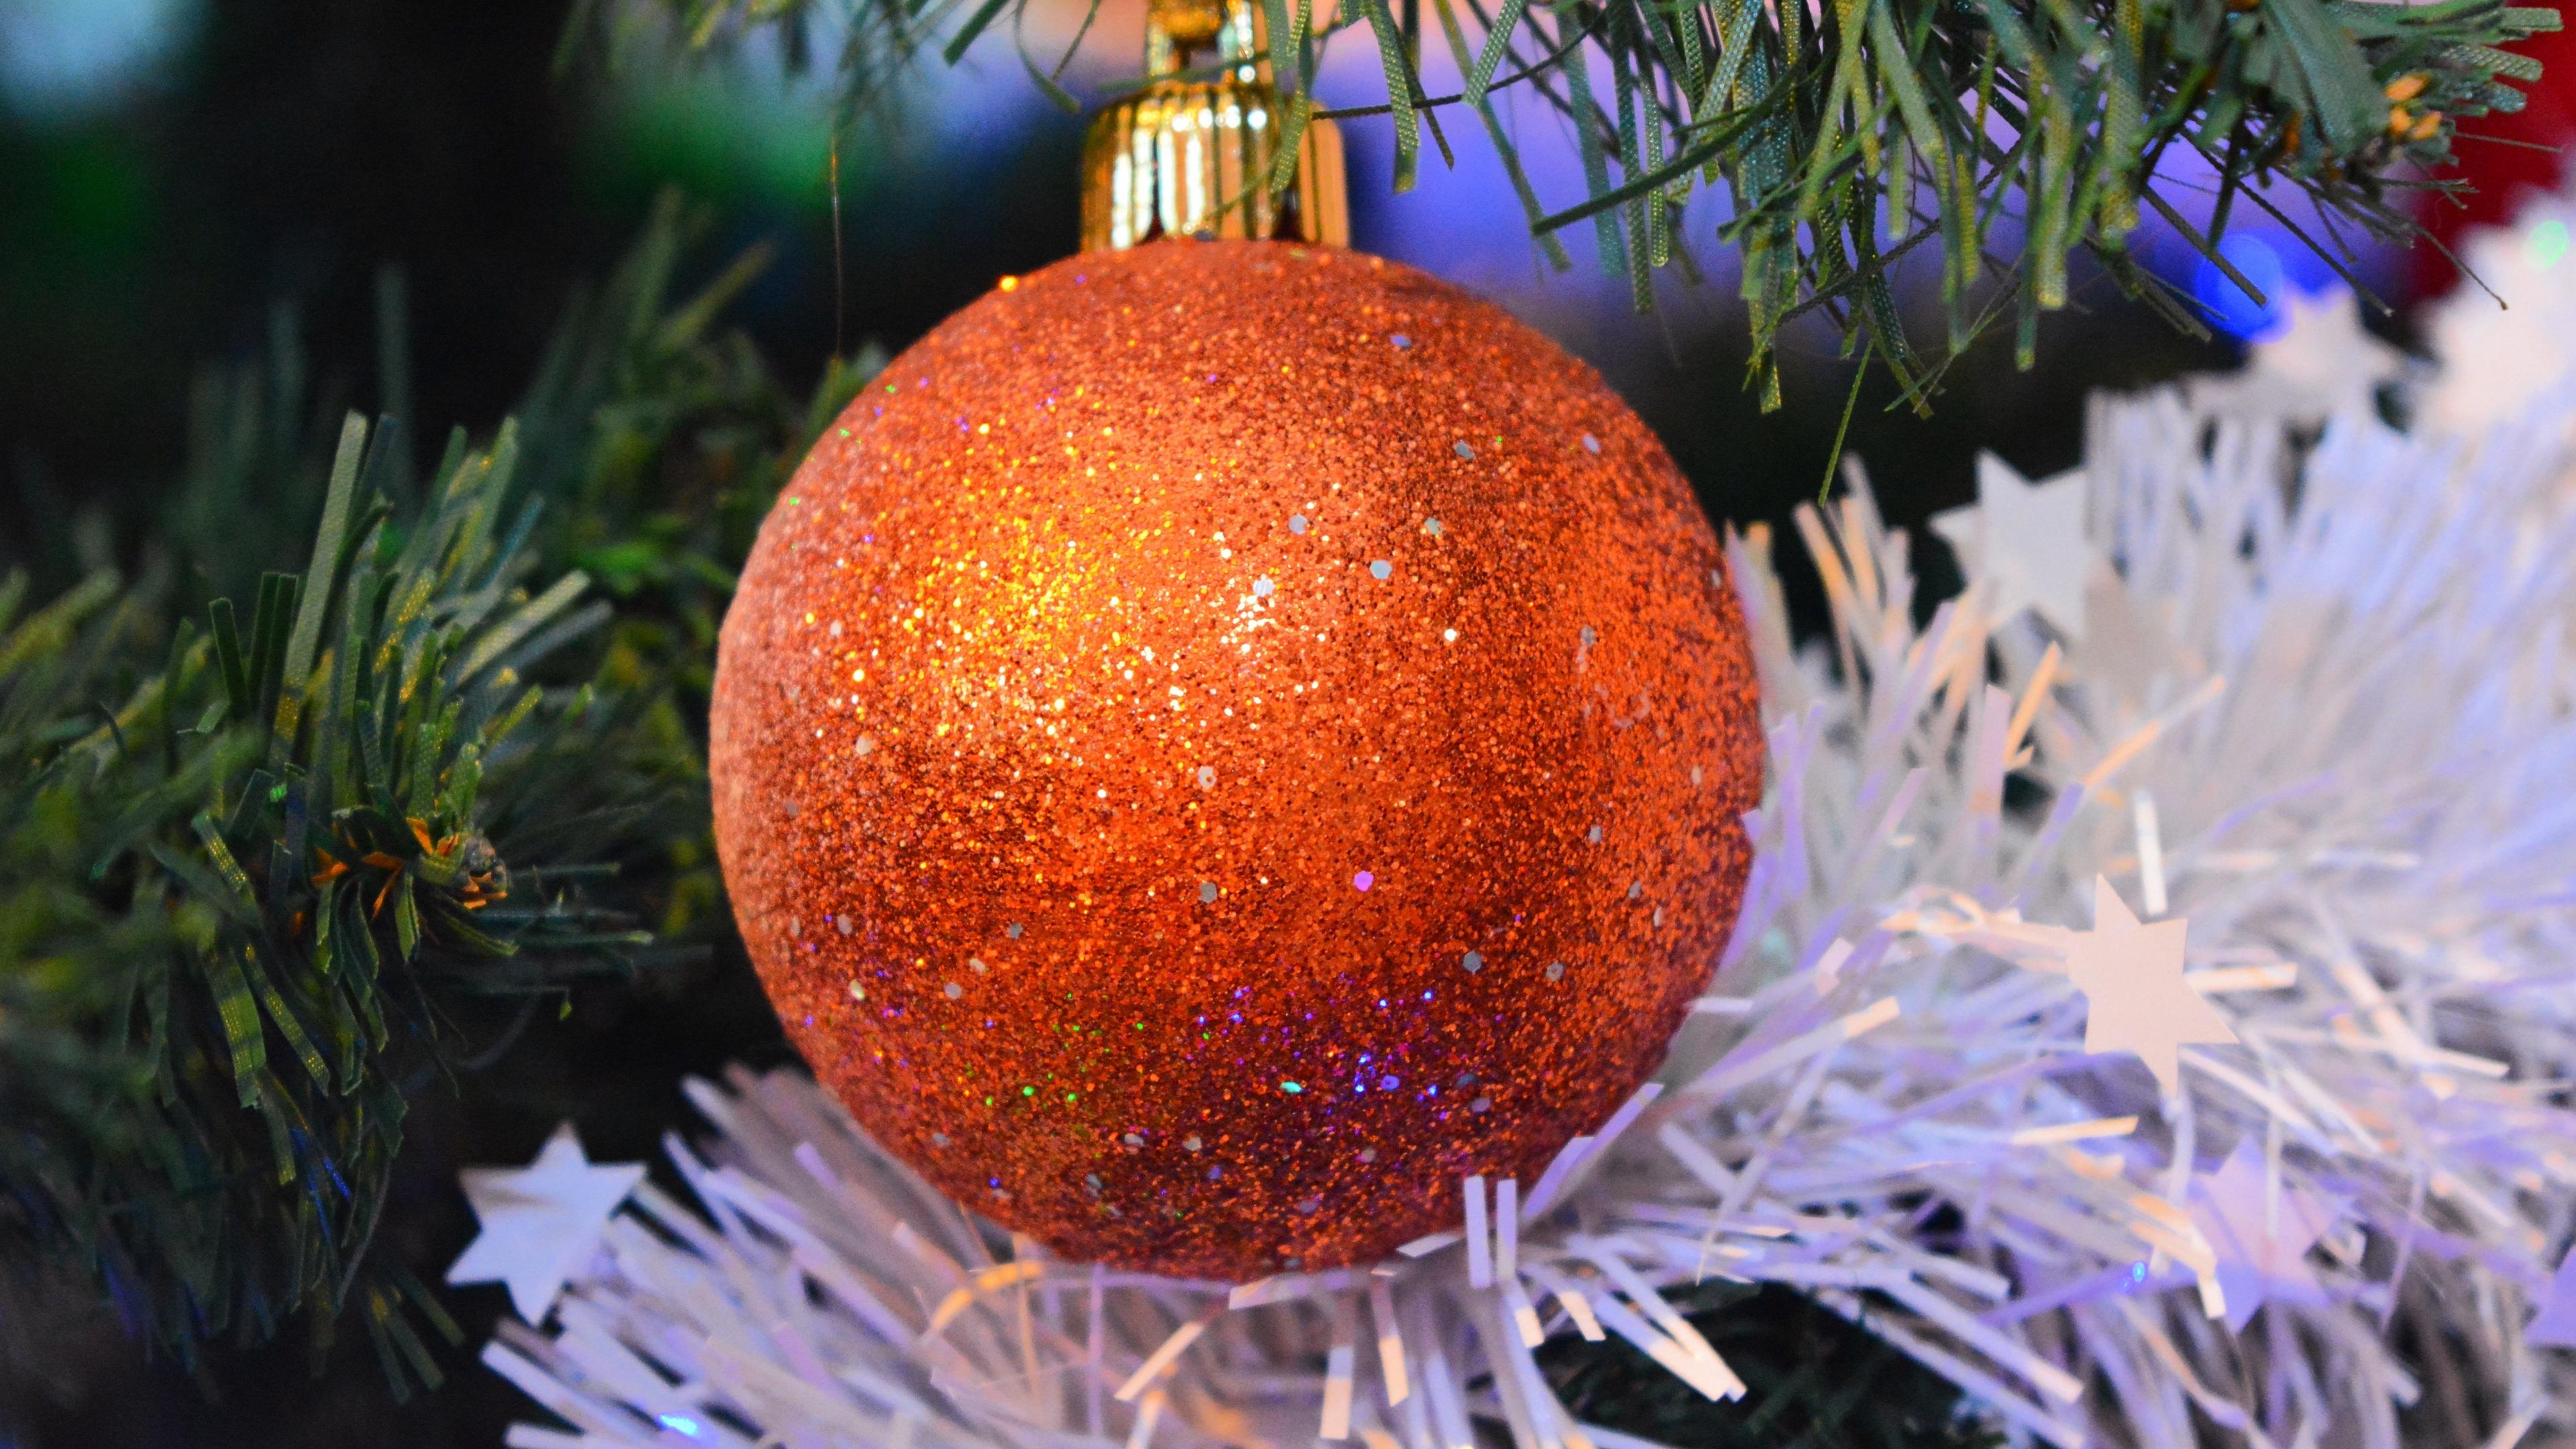 christmas ball decoration new year 4k 1538344675 - christmas ball, decoration, new year 4k - new year, decoration, christmas ball